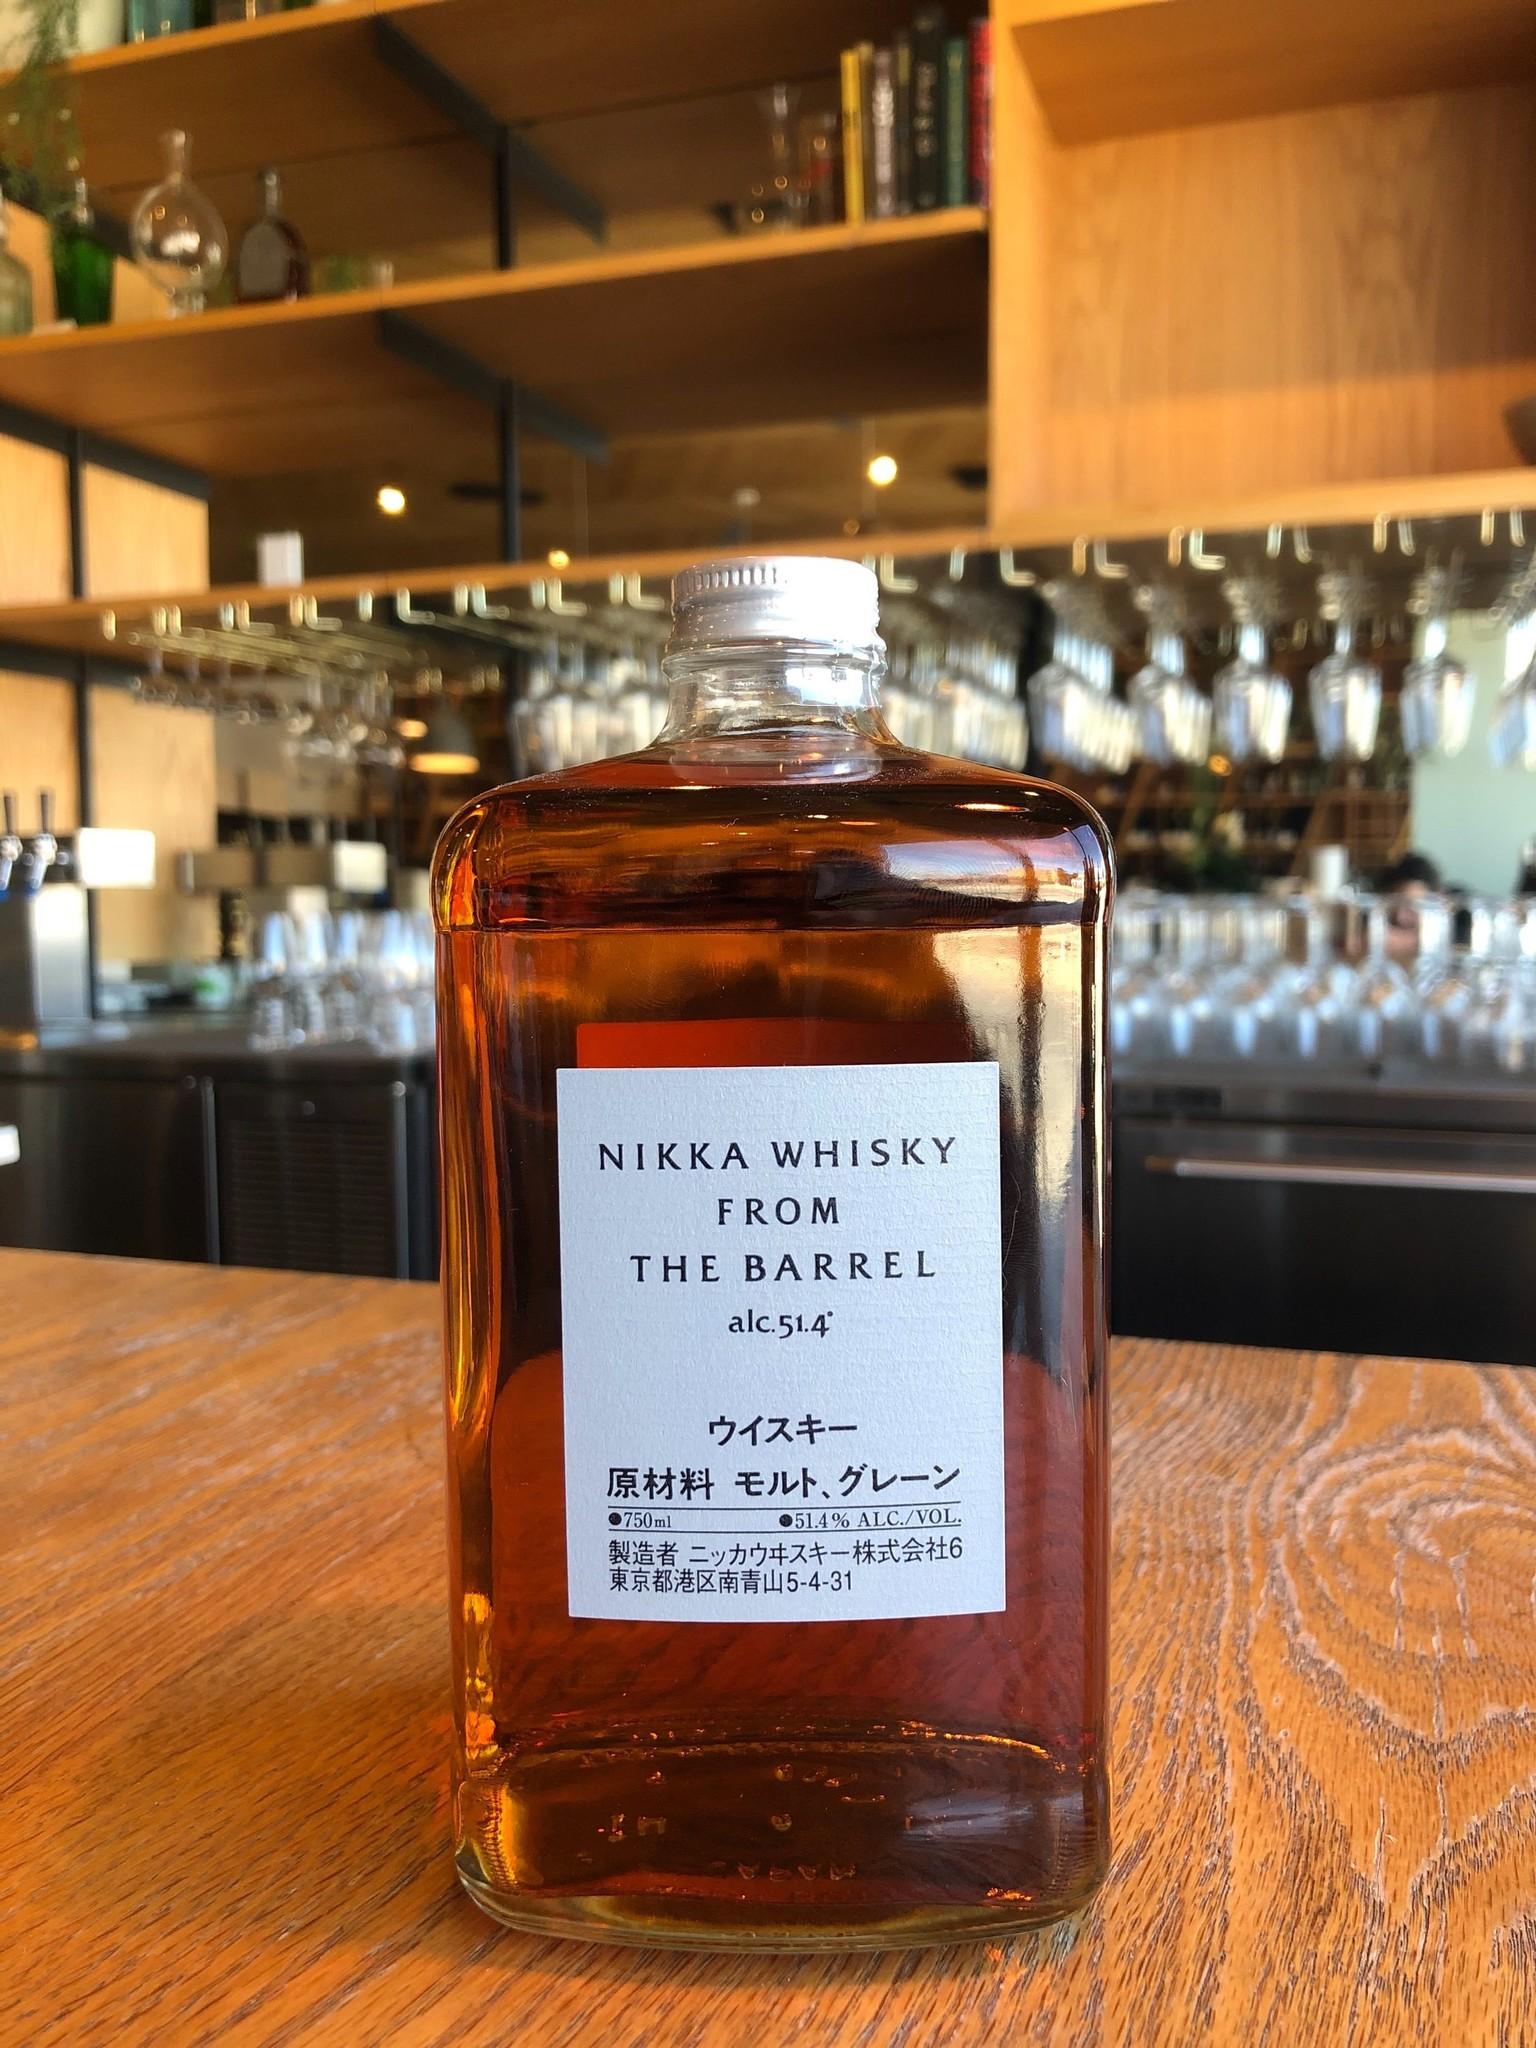 Nikka Whisky Distilling Nikka Whisky From the Barrel 750ml